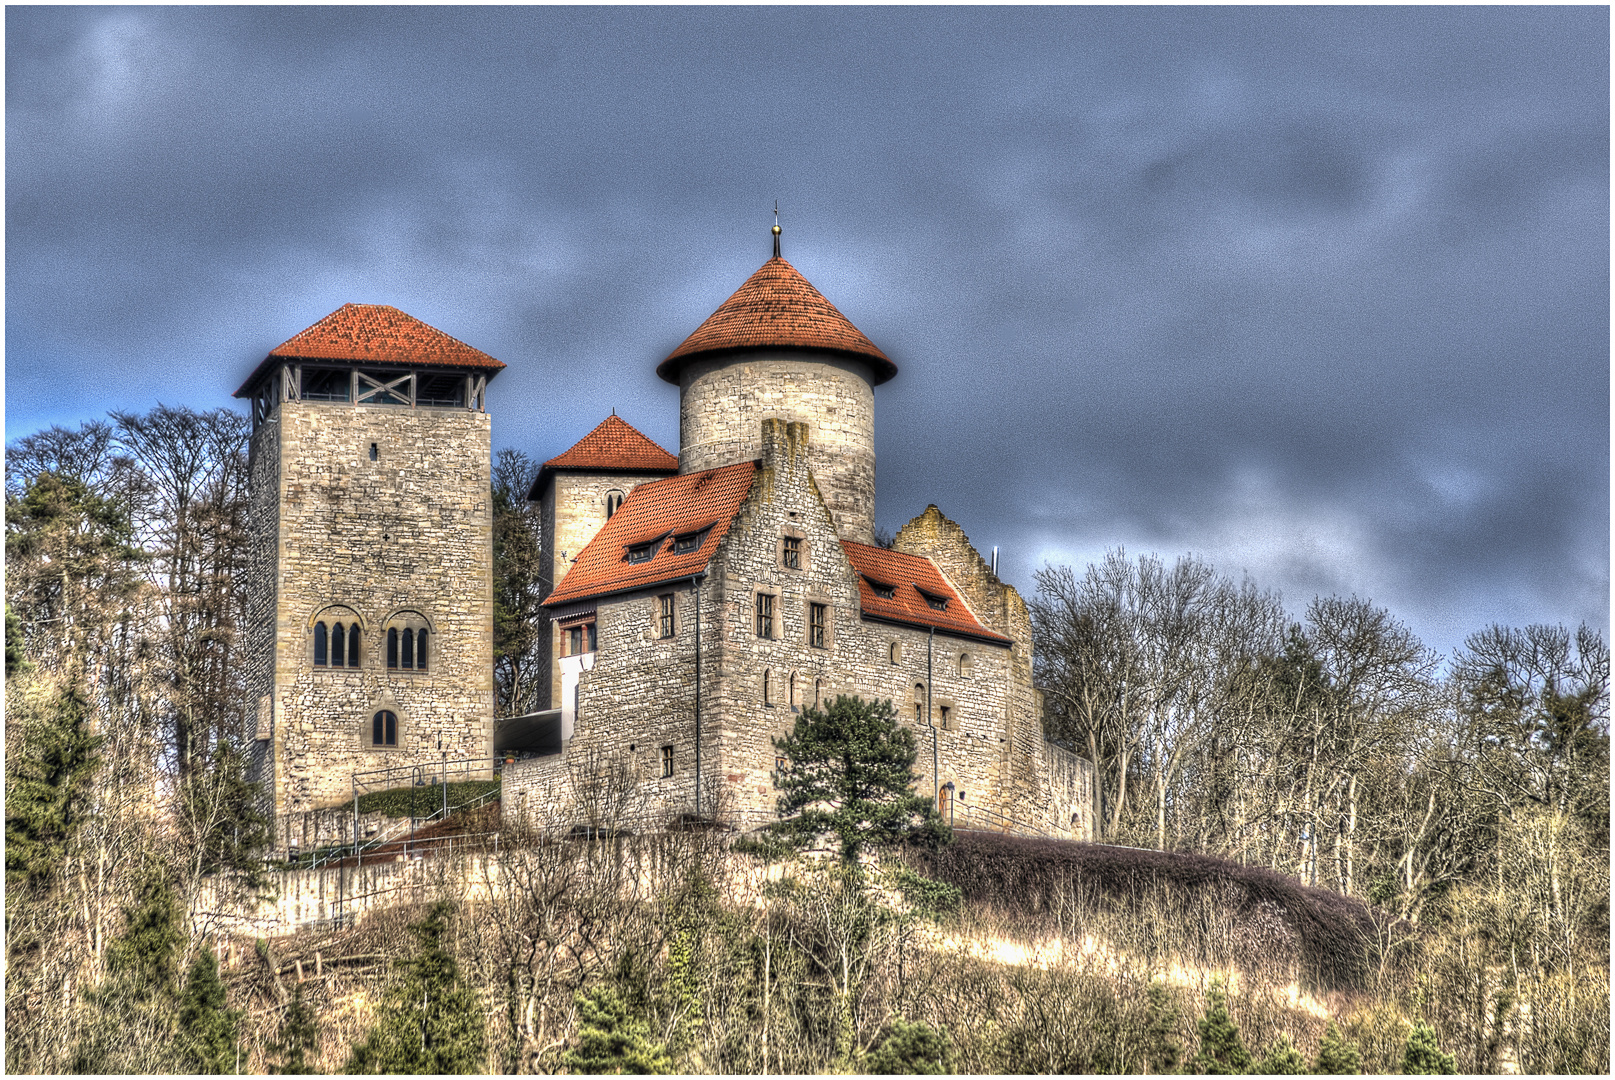 Burg-Normannstein